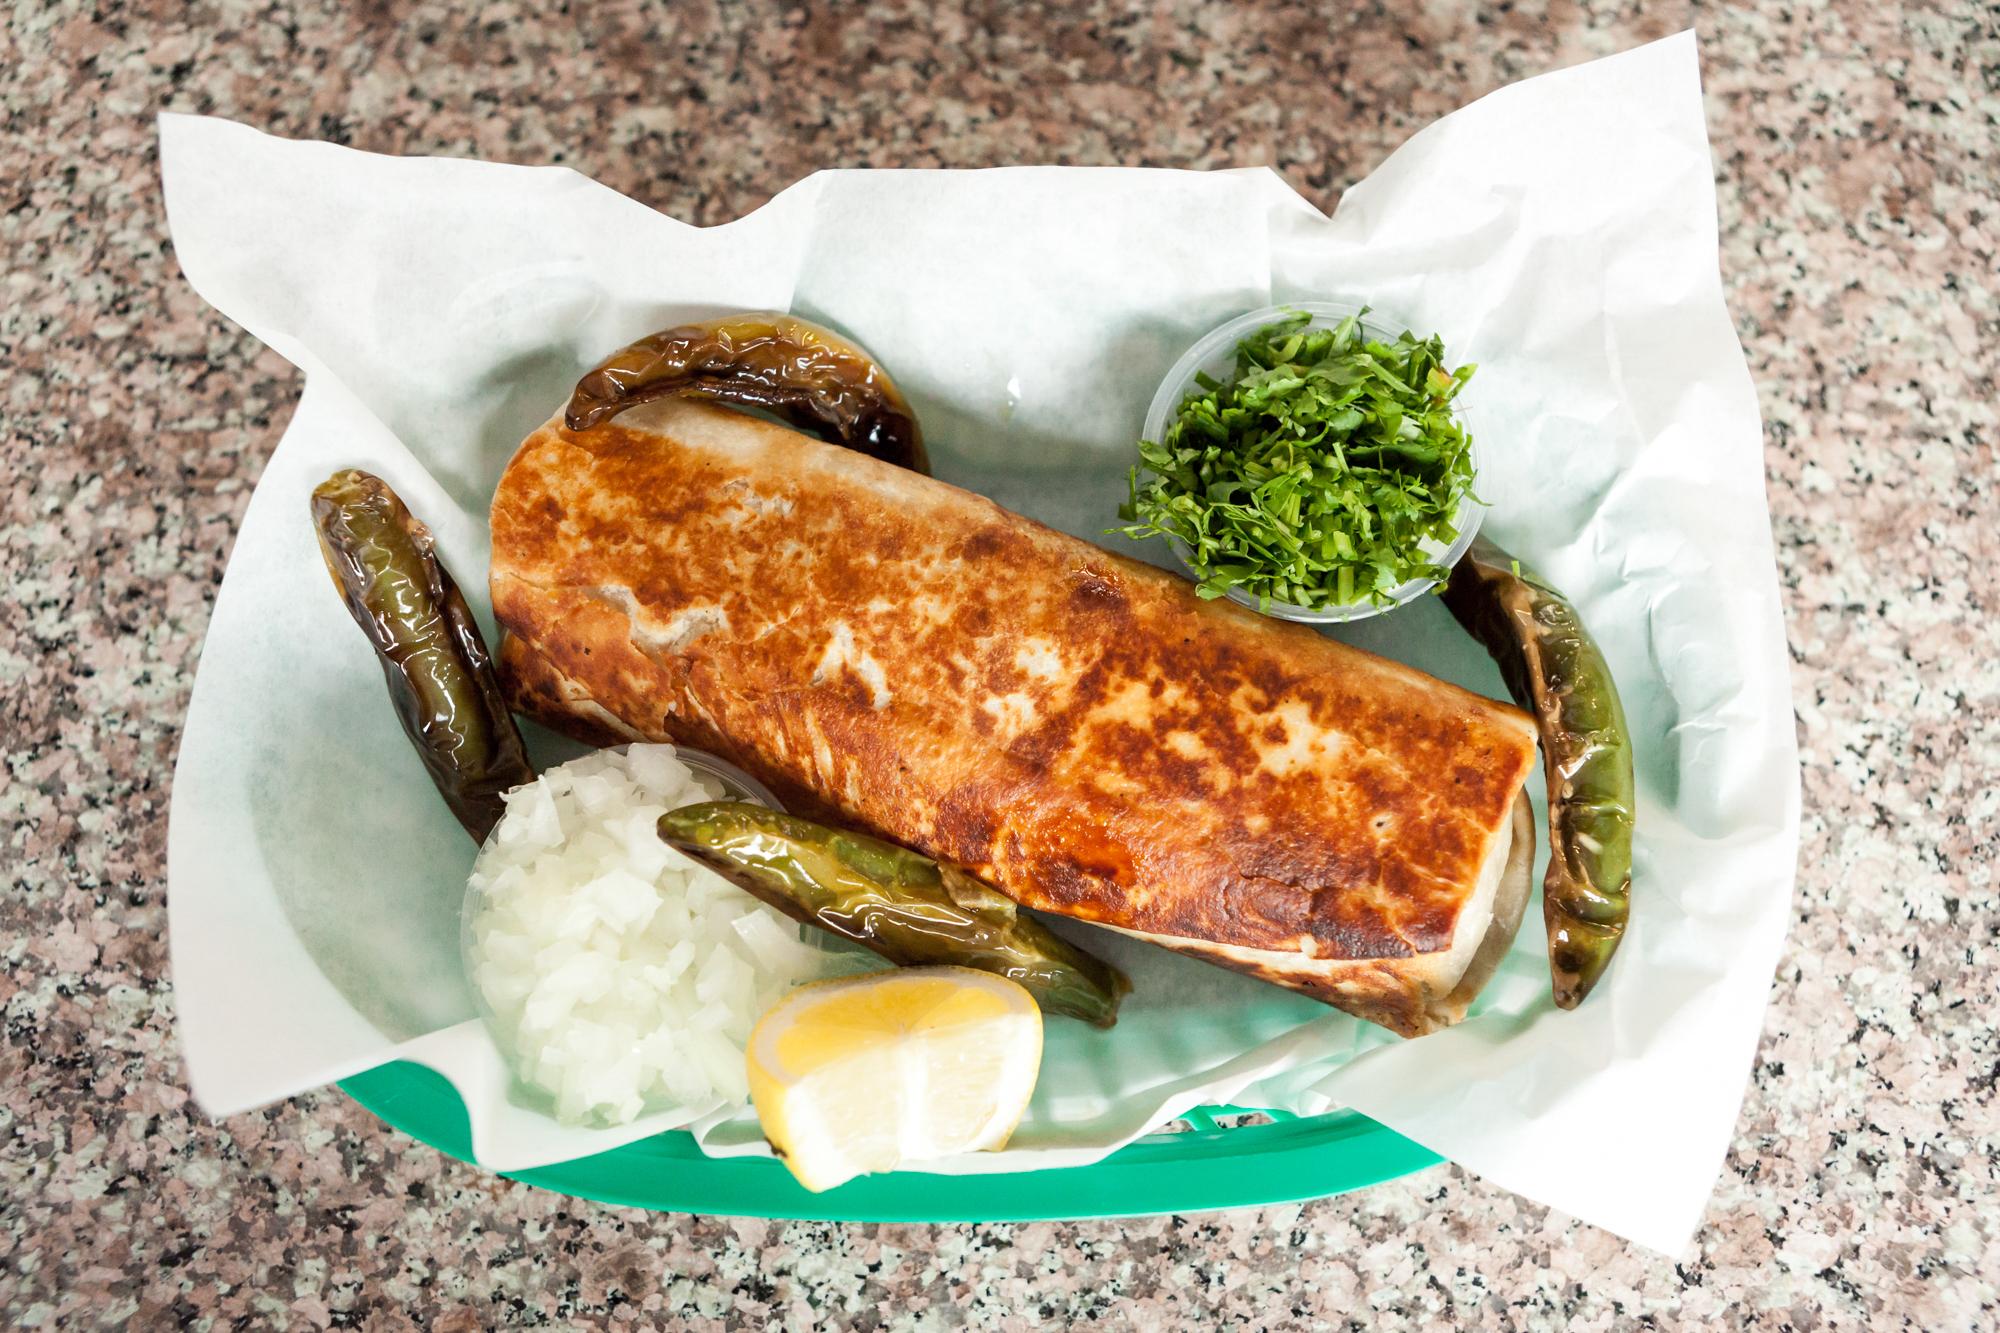 The Story of La Taqueria's Remastered Mission-Style Burrito